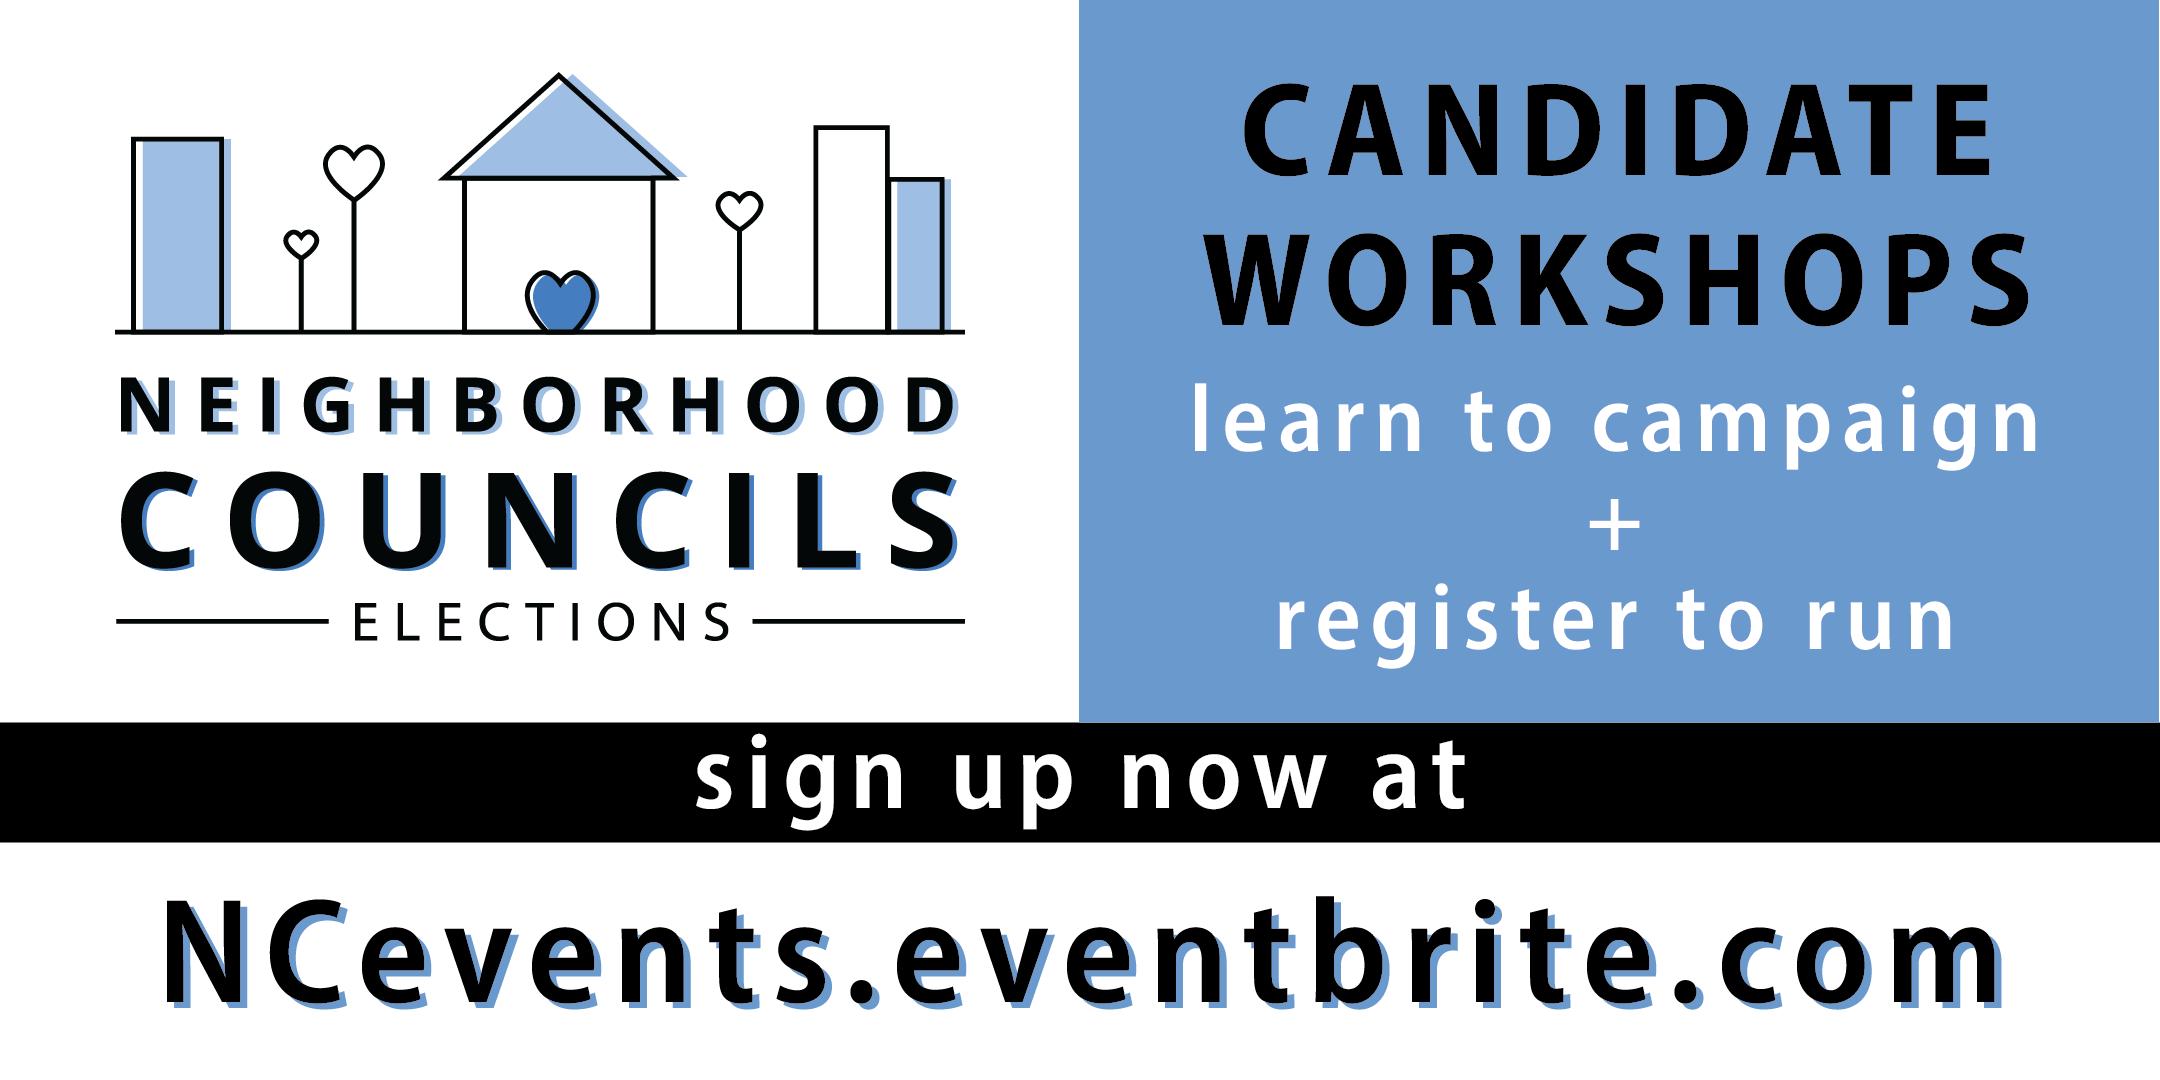 Candidate Workshops